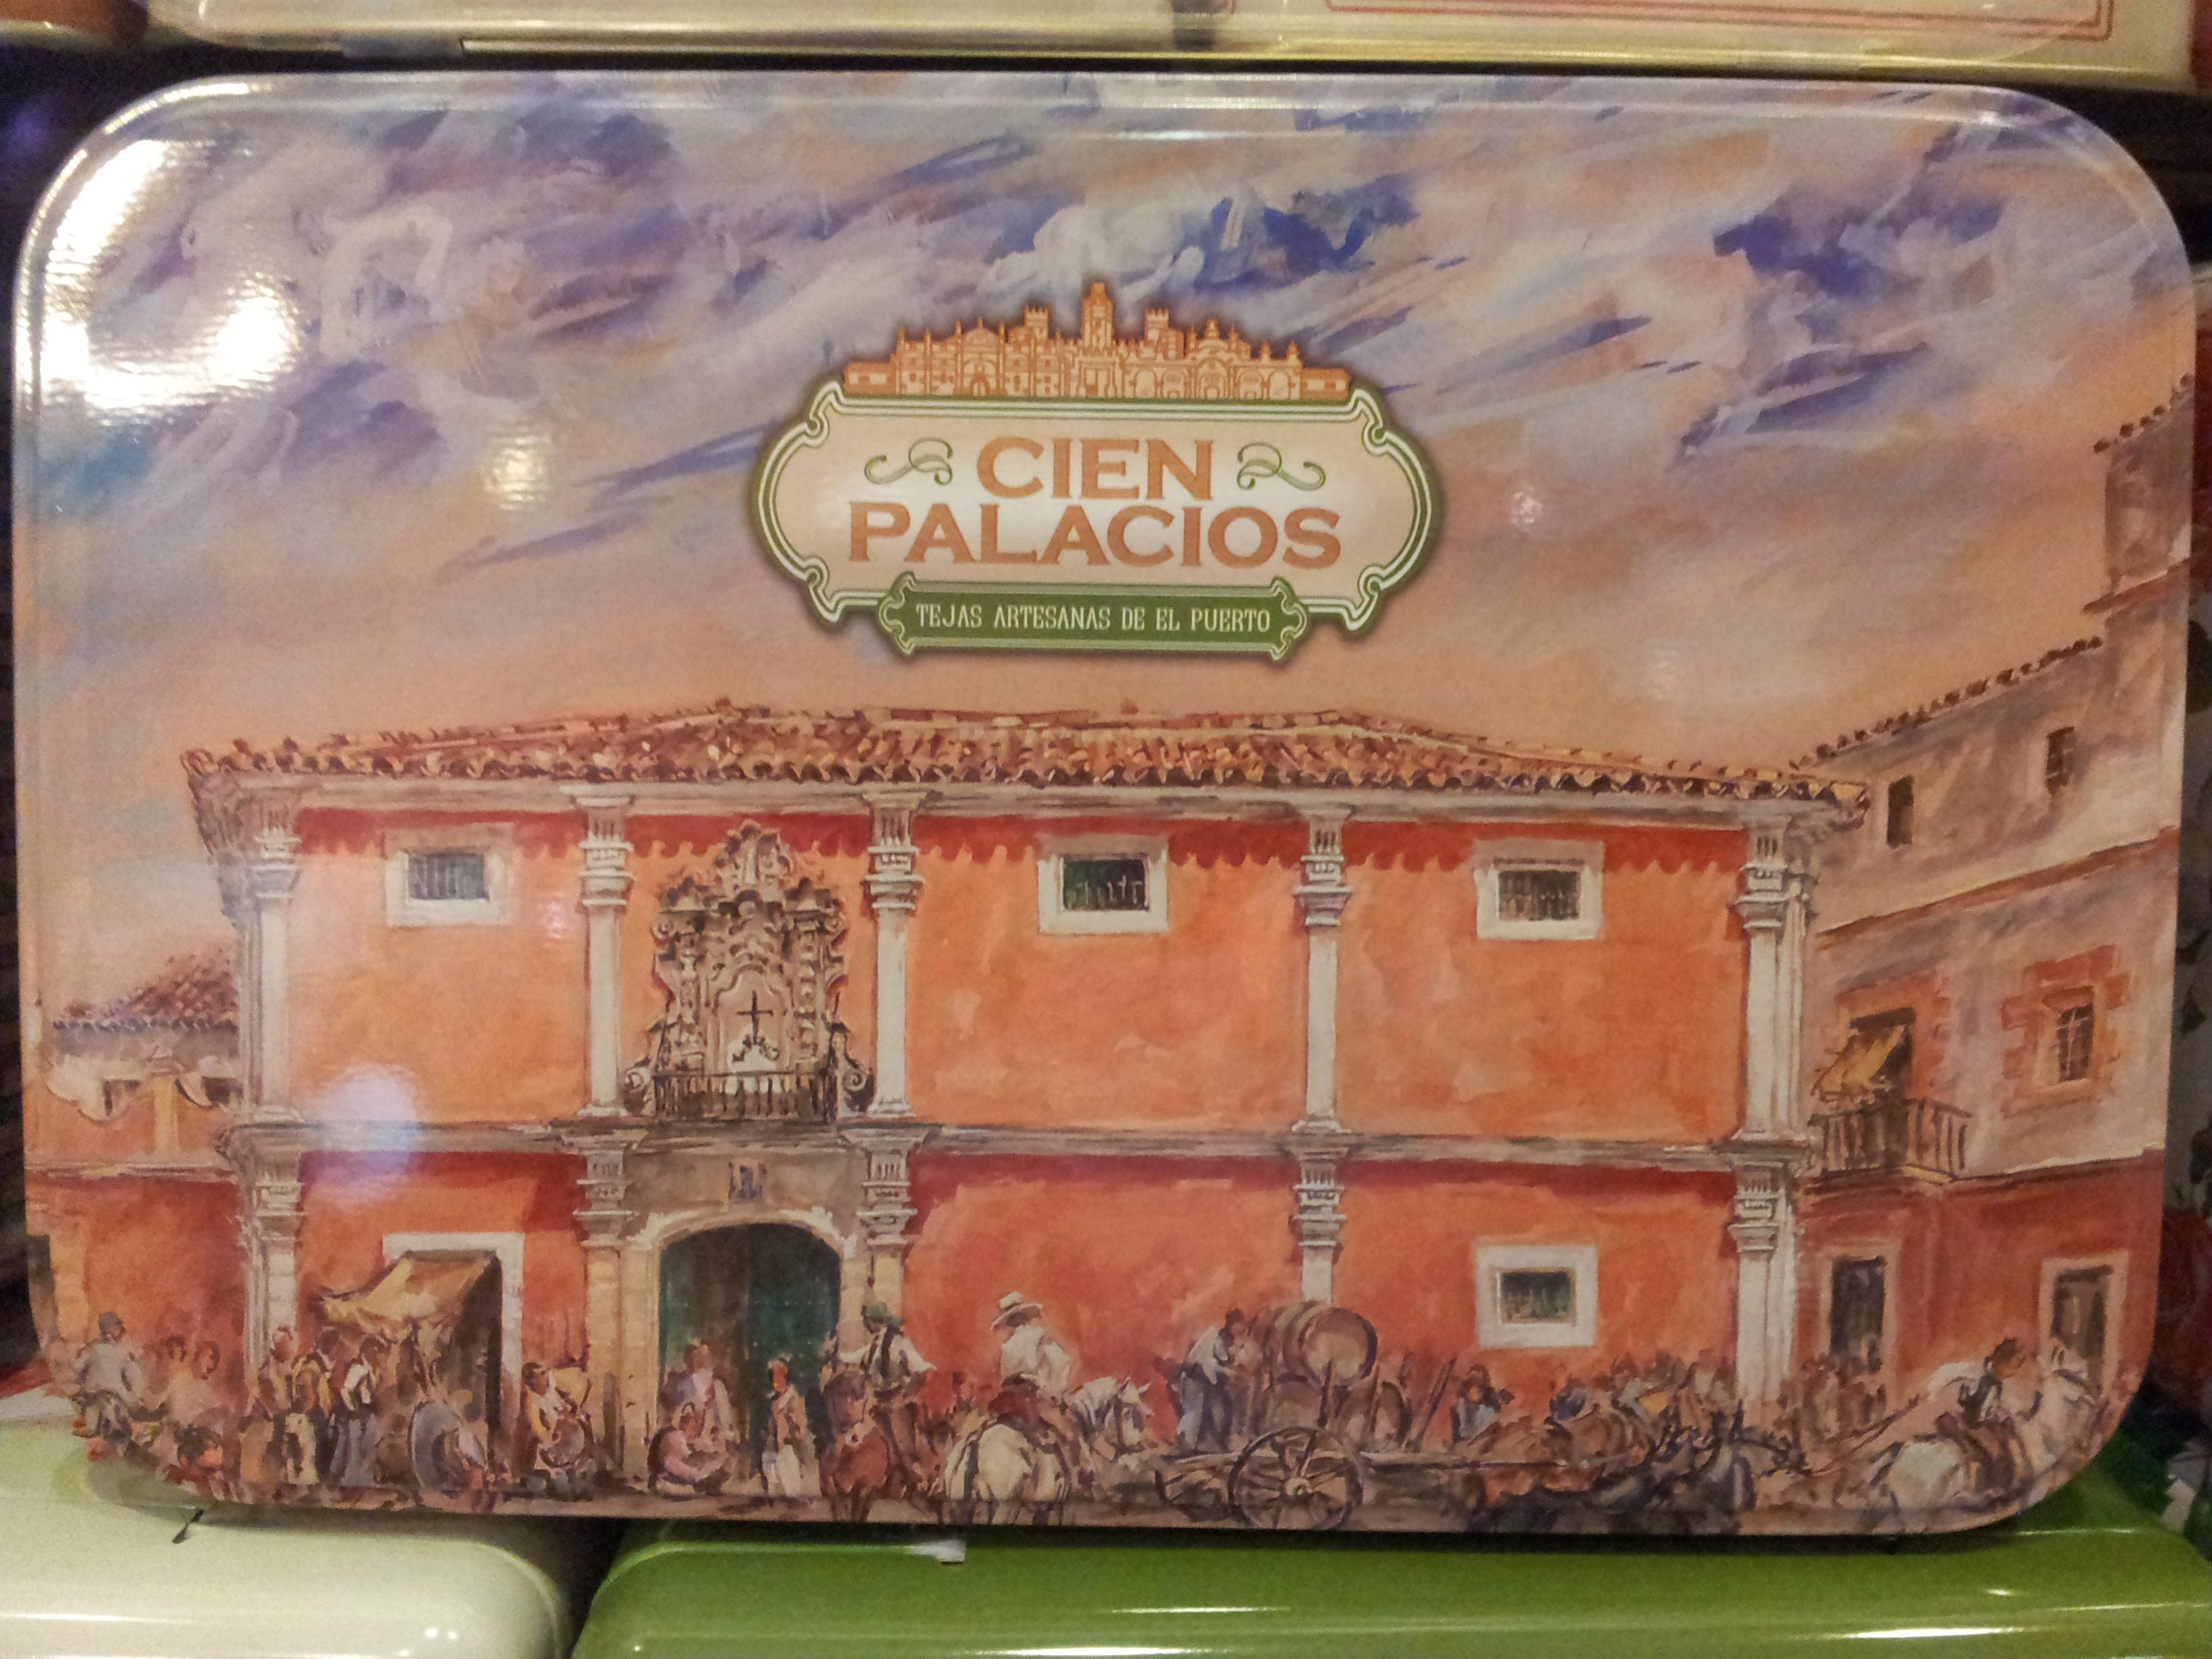 plaza-de-la-herreria-500-600-grms